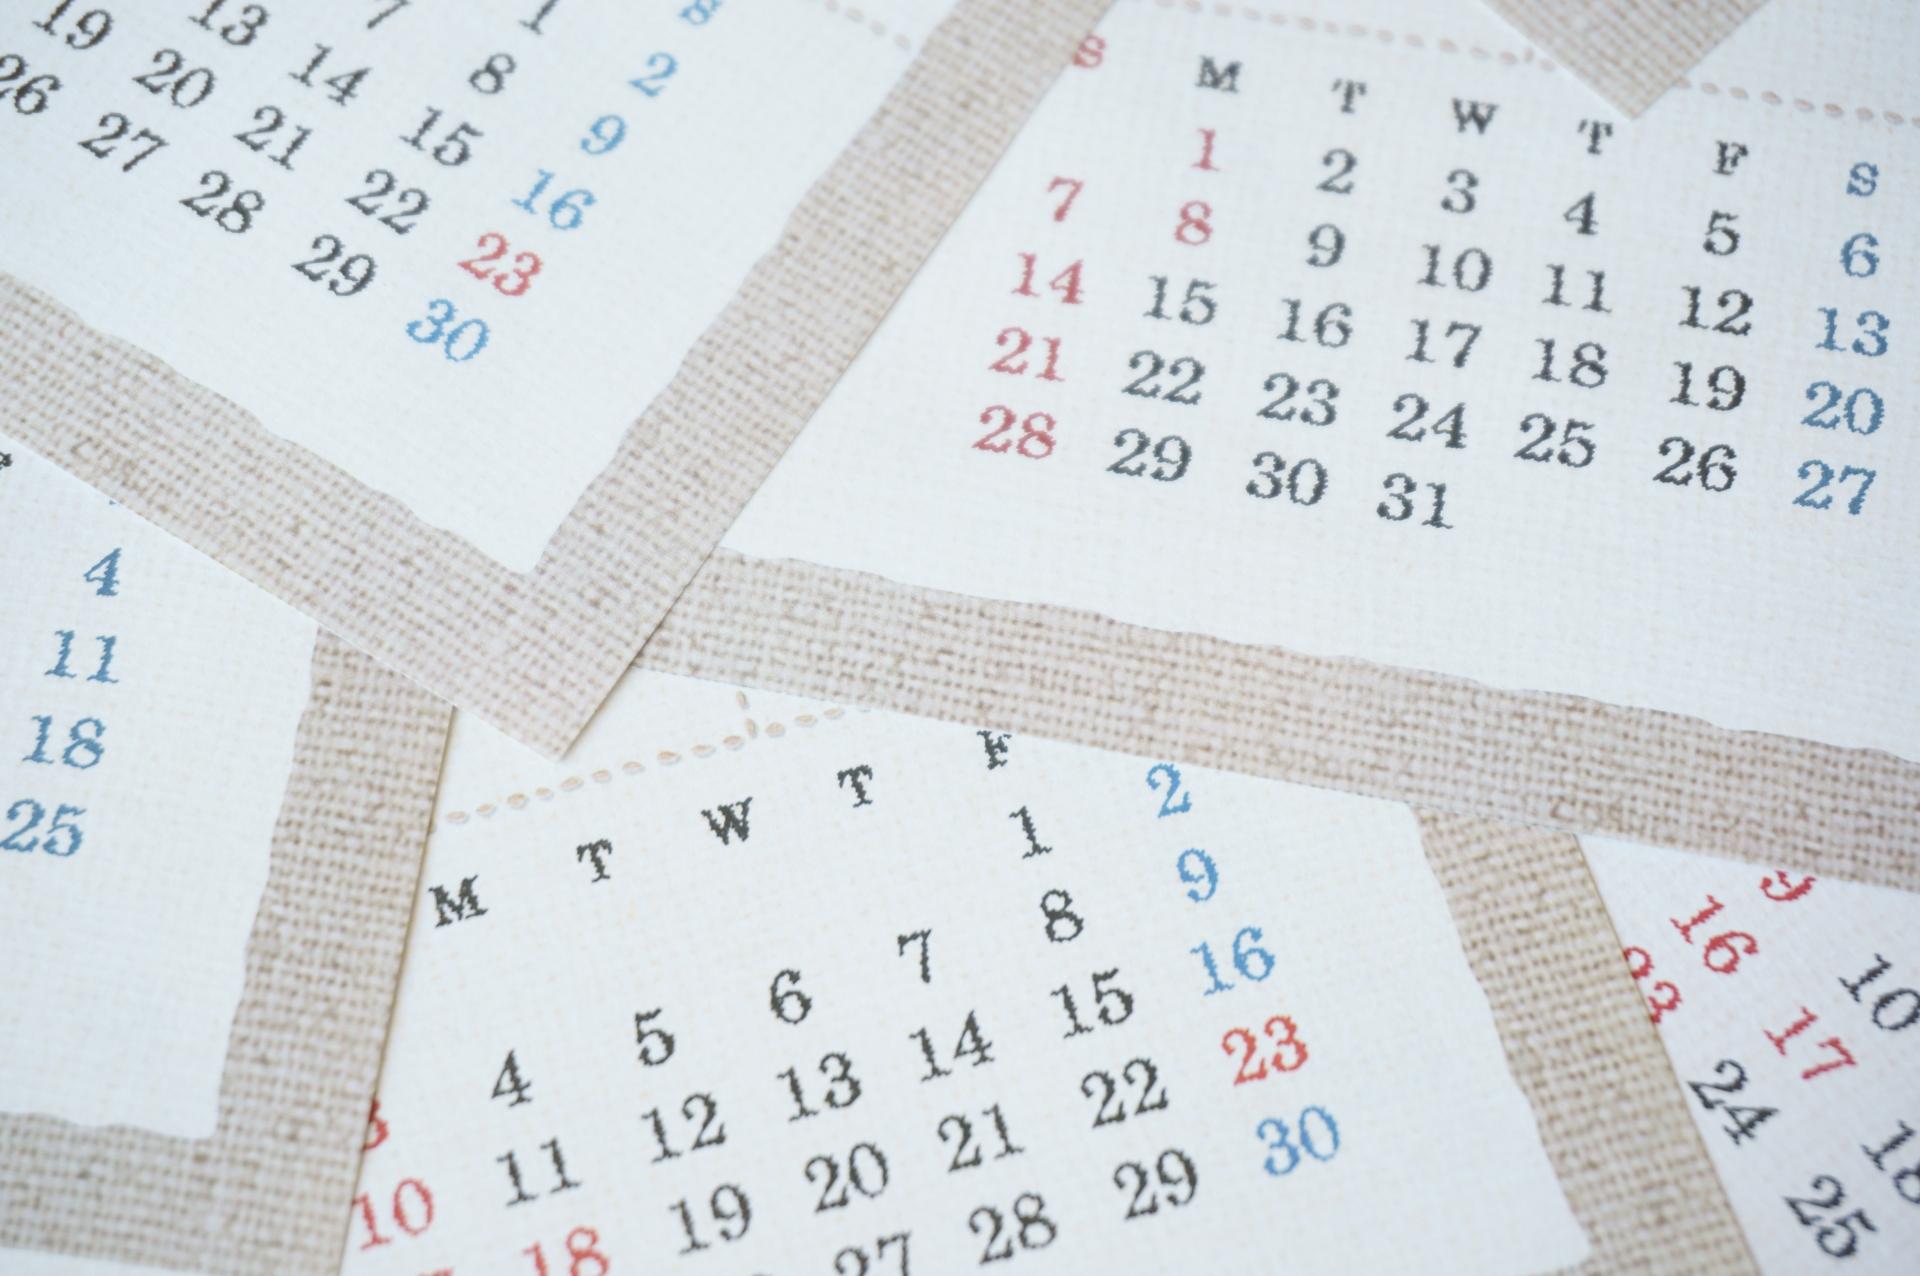 カレンダーで期間を確認